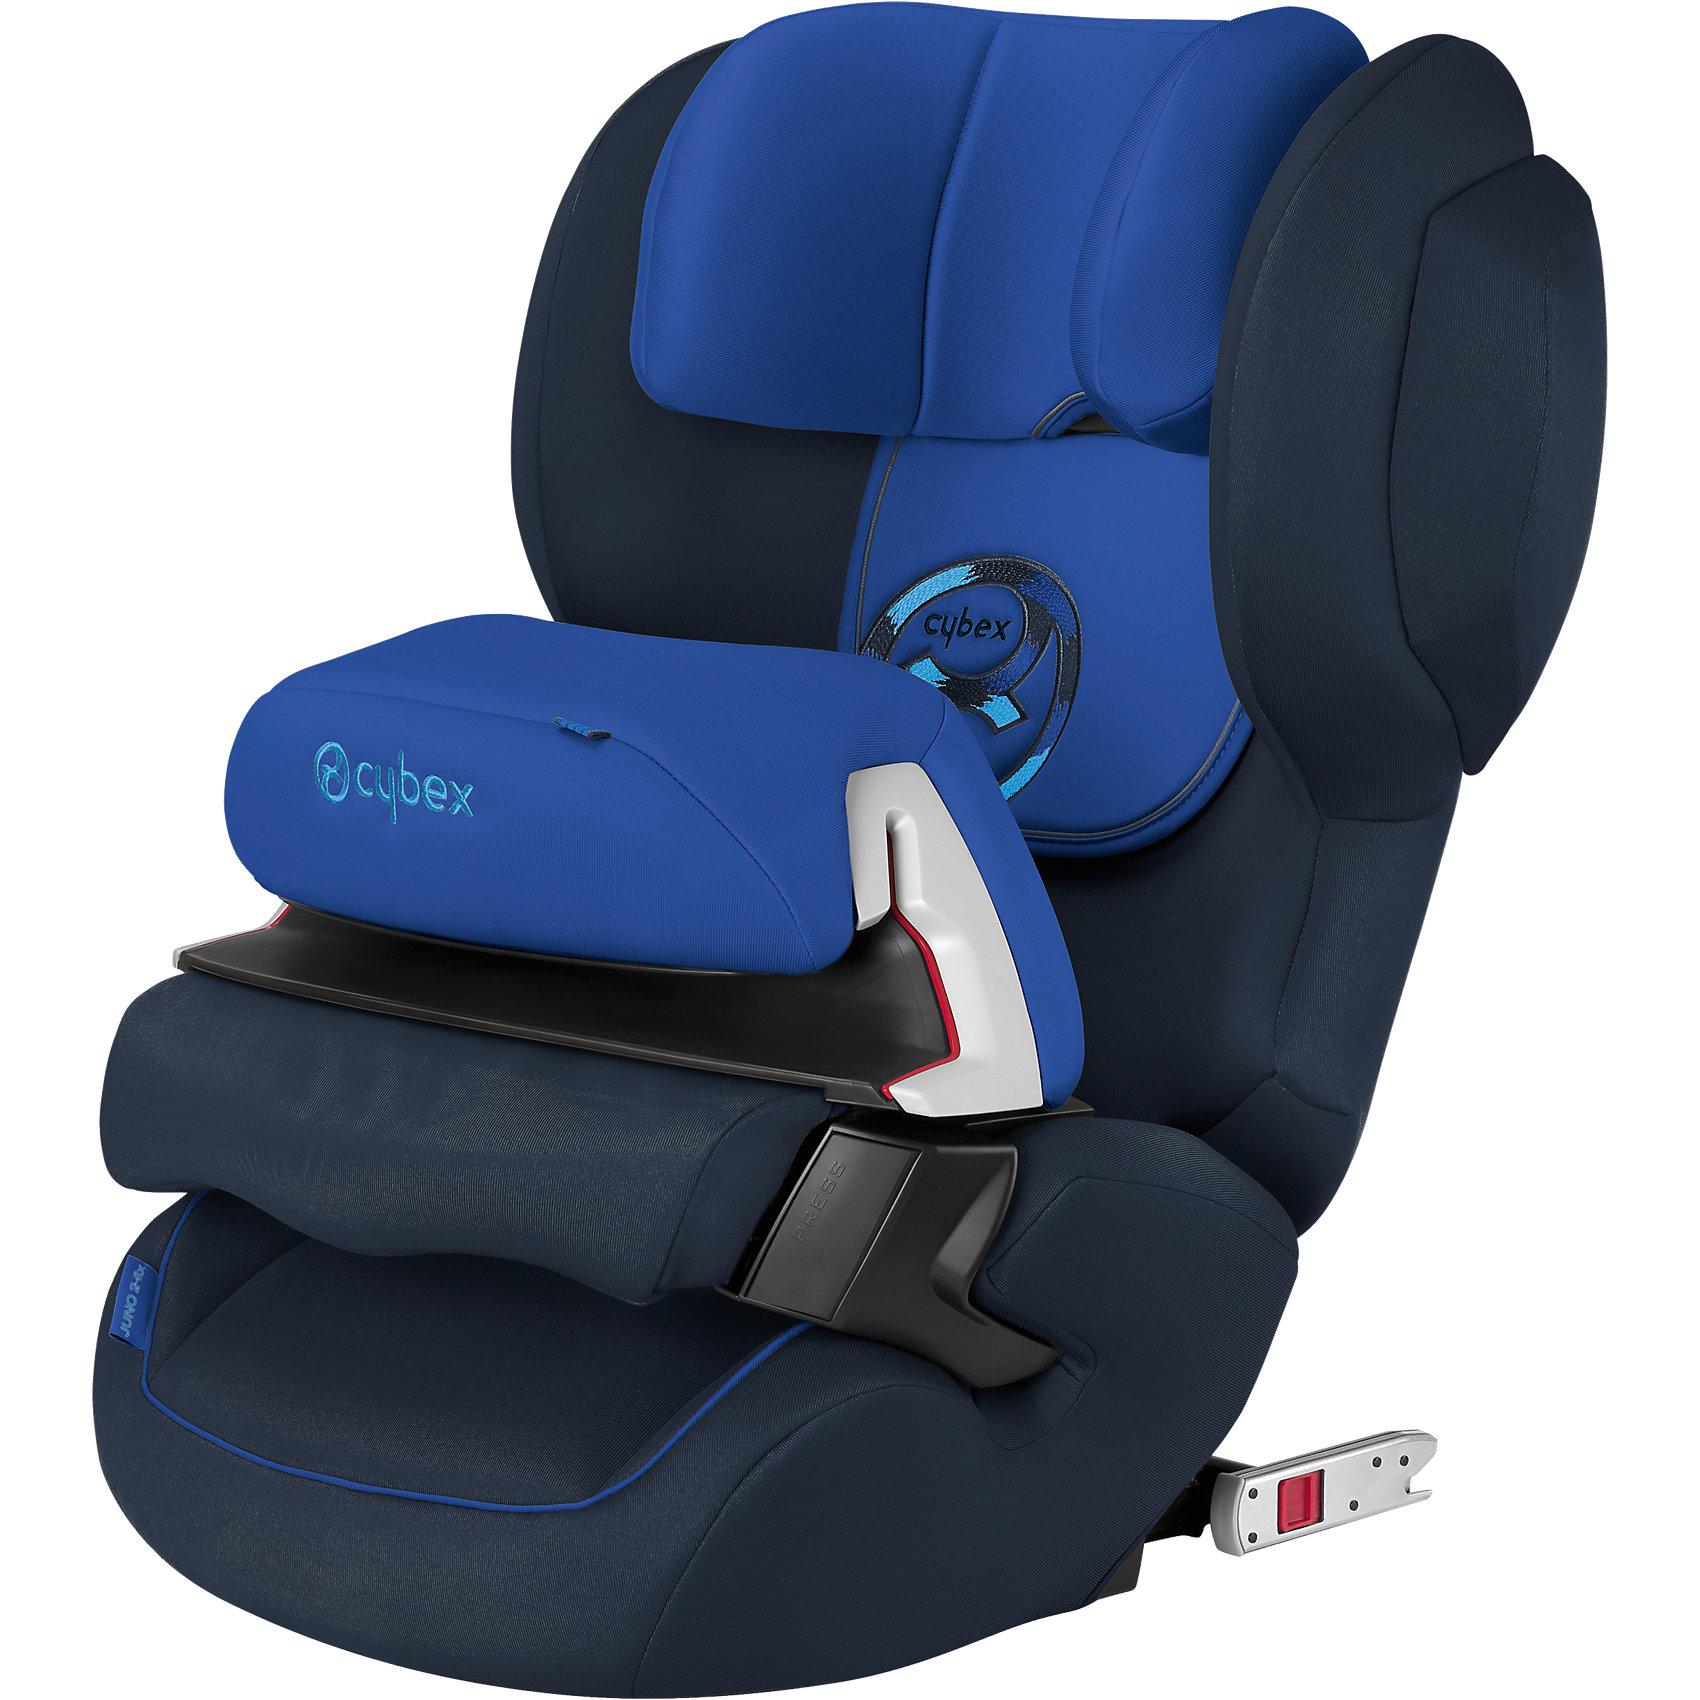 Автокресло Cybex Juno 2-Fix, 9-18 кг, Royal Blue 2016Группа 1 (От 9 до 18 кг)<br>Высокотехнологичное надежное автокресло позволит перевозить ребенка, не беспокоясь при этом о его безопасности. Оно предназначено для предназначено для детей весом от 9 до 18 килограмм. Такое кресло обеспечит малышу не только безопасность, но и комфорт (регулируемый угол наклона и высота подголовника). Вместо пятиточечных ремней ребенок фиксируется при помощи защитного столика, не ограничивая ему свободы движений<br>Автокресло устанавливают по ходу движения. Такое кресло дает возможность свободно путешествовать, ездить в гости и при этом  быть рядом с малышом. Конструкция - очень удобная и прочная. Изделие произведено из качественных и безопасных для малышей материалов, оно соответствуют всем современным требованиям безопасности. Оно отлично показало себя на краш-тестах.<br> <br>Дополнительная информация:<br><br>цвет: синий;<br>материал: текстиль, пластик;<br>вес ребенка:  9 до 18 кг;<br>регулируемая подушка безопасности;<br>регулируемый по высоте подголовник;<br>усовершенствованная система циркуляции воздуха;<br>встроенный ящик для мелочей:<br>съемный чехол;<br>по мере взросления ребенка трансформируется в бустер; <br>регулировка положения автокресла одной рукой;<br>регулируемый угол наклона;<br>можно использовать со штатными ремнями или с дополнительной базой;<br>7-позиционный регулируемый по высоте подголовник;<br>крепление по ходу движения;<br>система защиты от боковых ударов;<br>соответствие Европейскому стандарту безопасности ЕСЕ R44/04.<br><br>АвтокреслоJuno 2-Fix, 9-18 кг., Royal Blue, от компании Cybex можно купить в нашем магазине.<br><br>Ширина мм: 647<br>Глубина мм: 474<br>Высота мм: 426<br>Вес г: 8386<br>Цвет: синий<br>Возраст от месяцев: 9<br>Возраст до месяцев: 36<br>Пол: Мужской<br>Возраст: Детский<br>SKU: 4284840